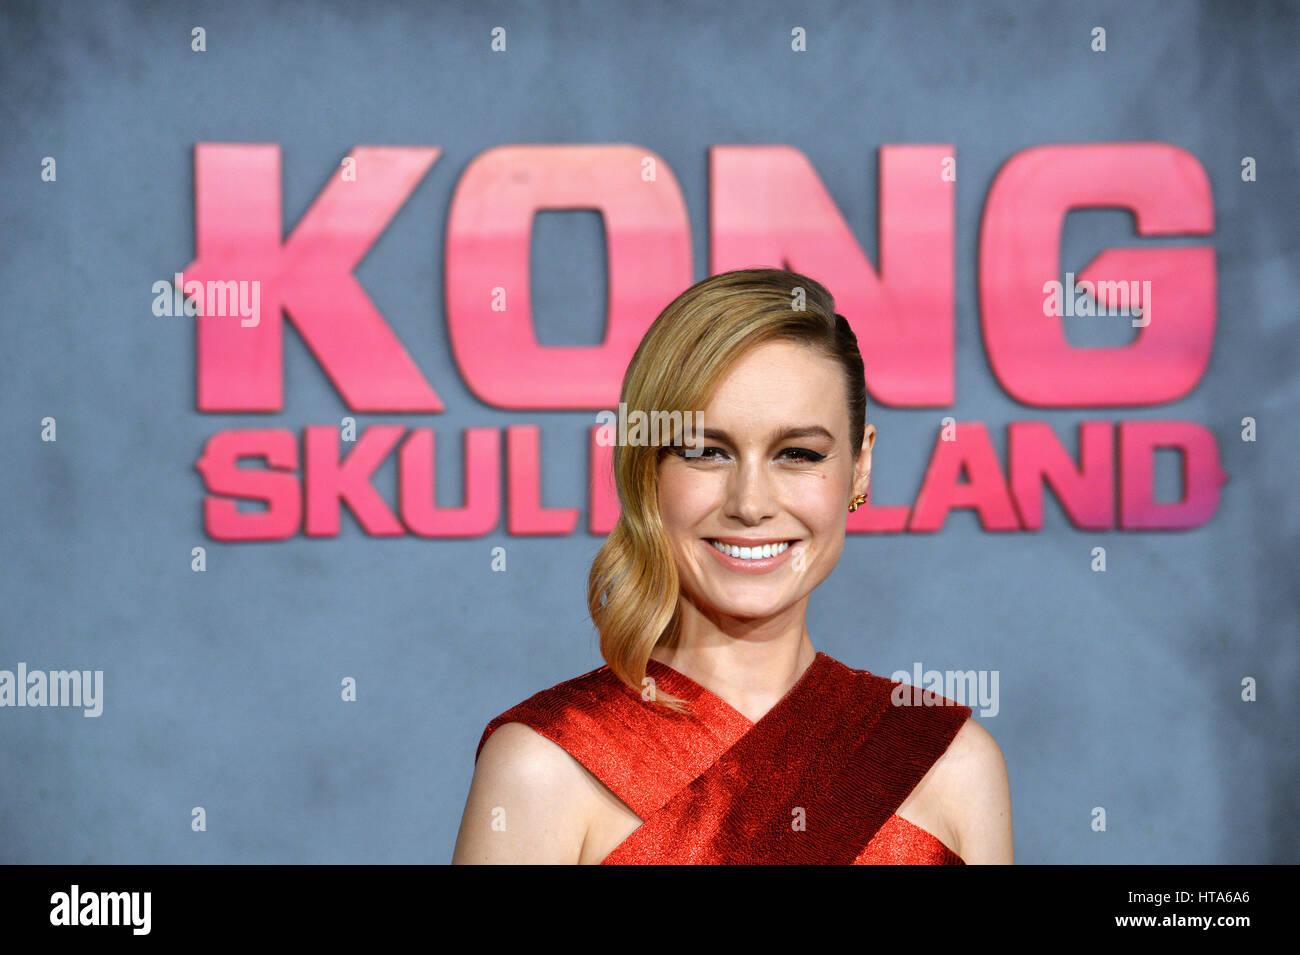 Los Angeles, USA. 8. März 2017. LOS ANGELES, CA. 8. März 2017: Schauspielerin Brie Larson bei der Premiere Stockbild